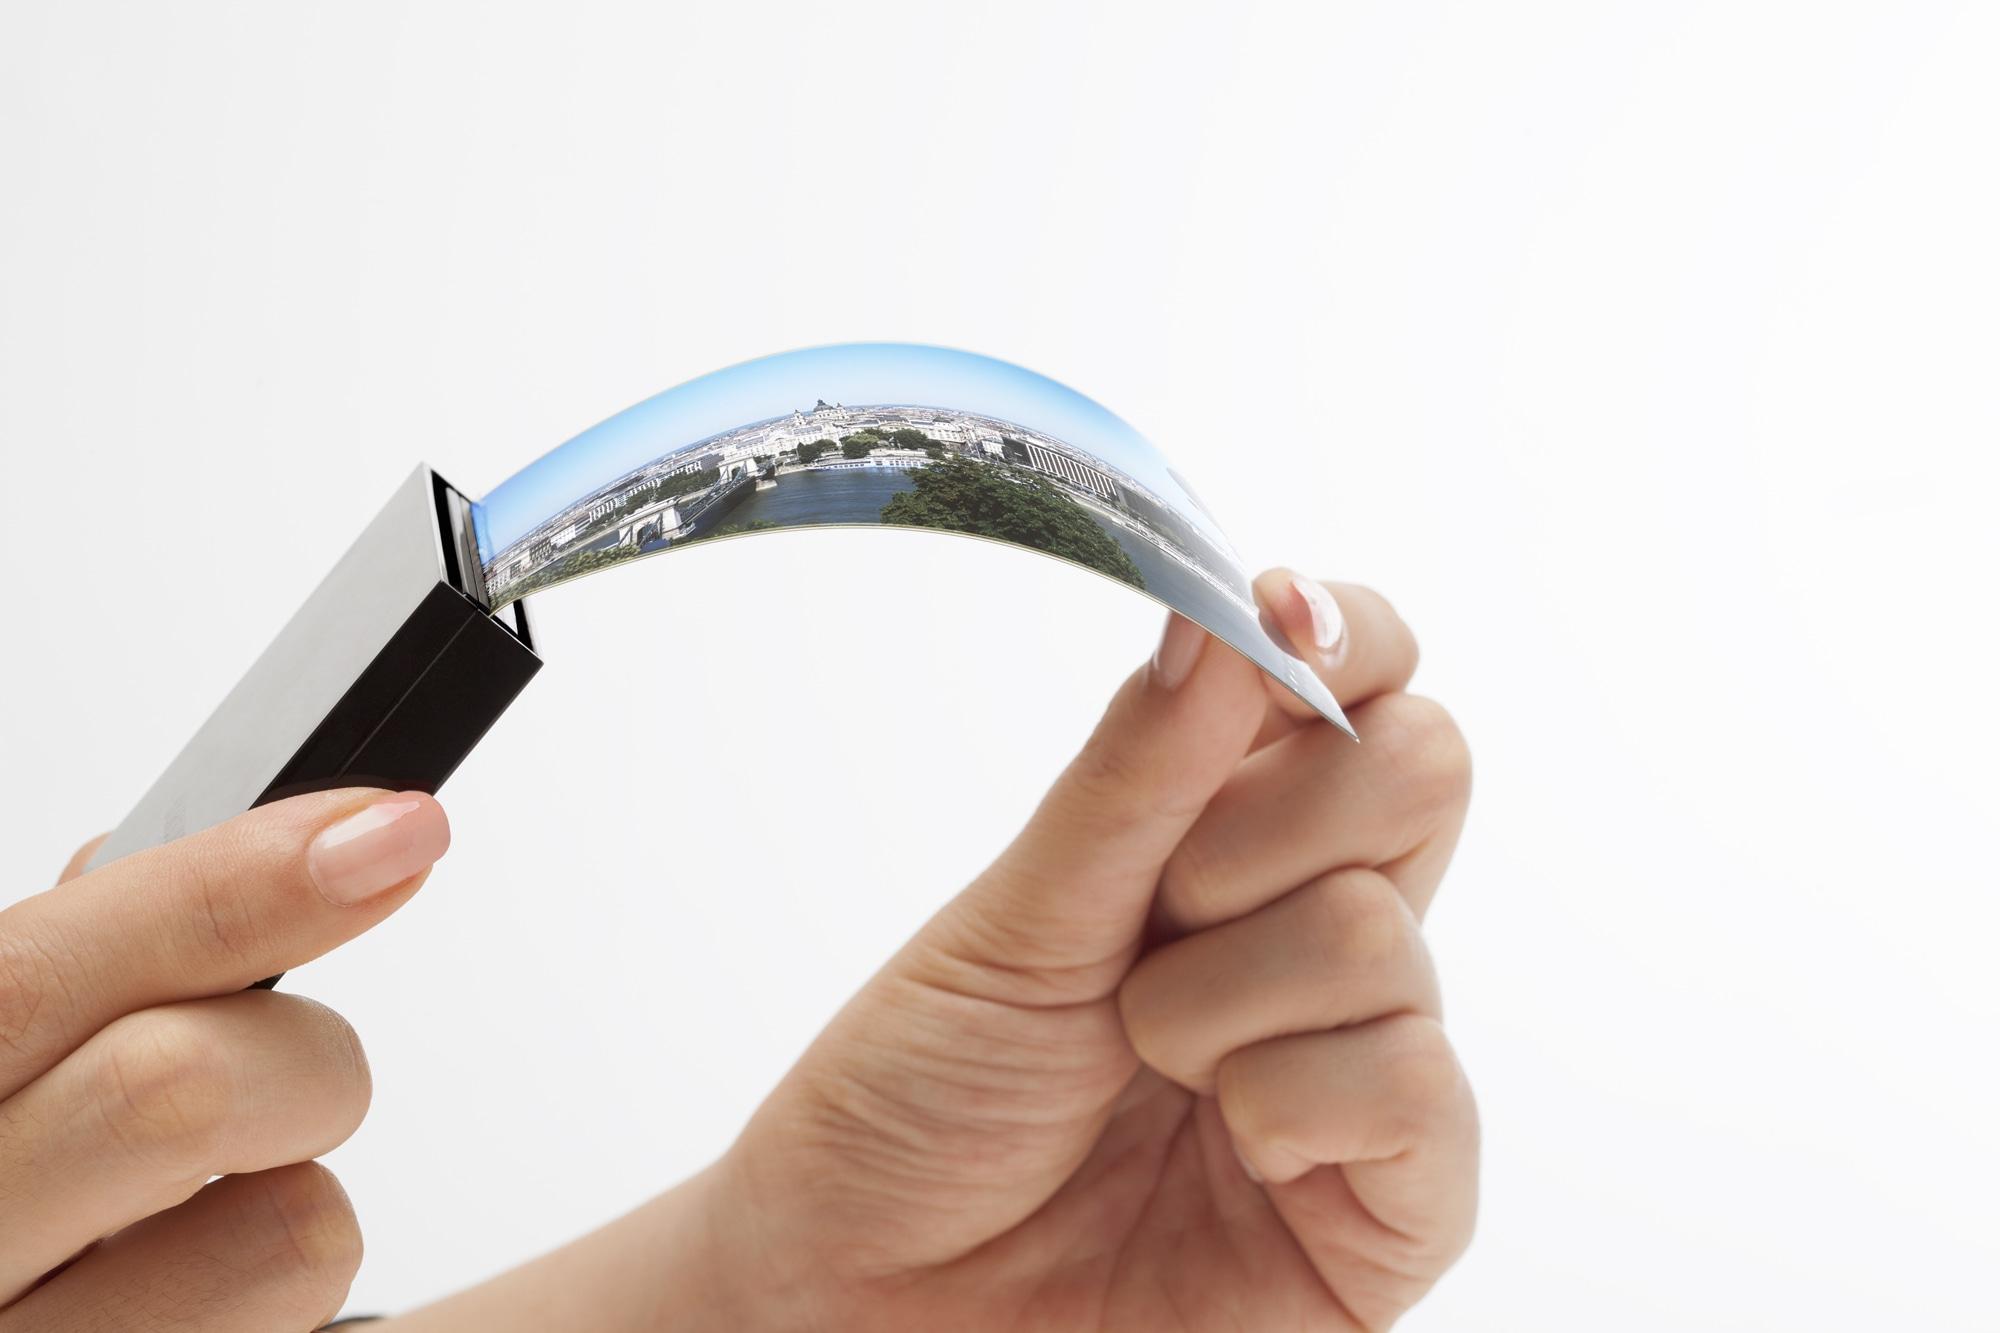 Tela OLED flexível curva da Samsung